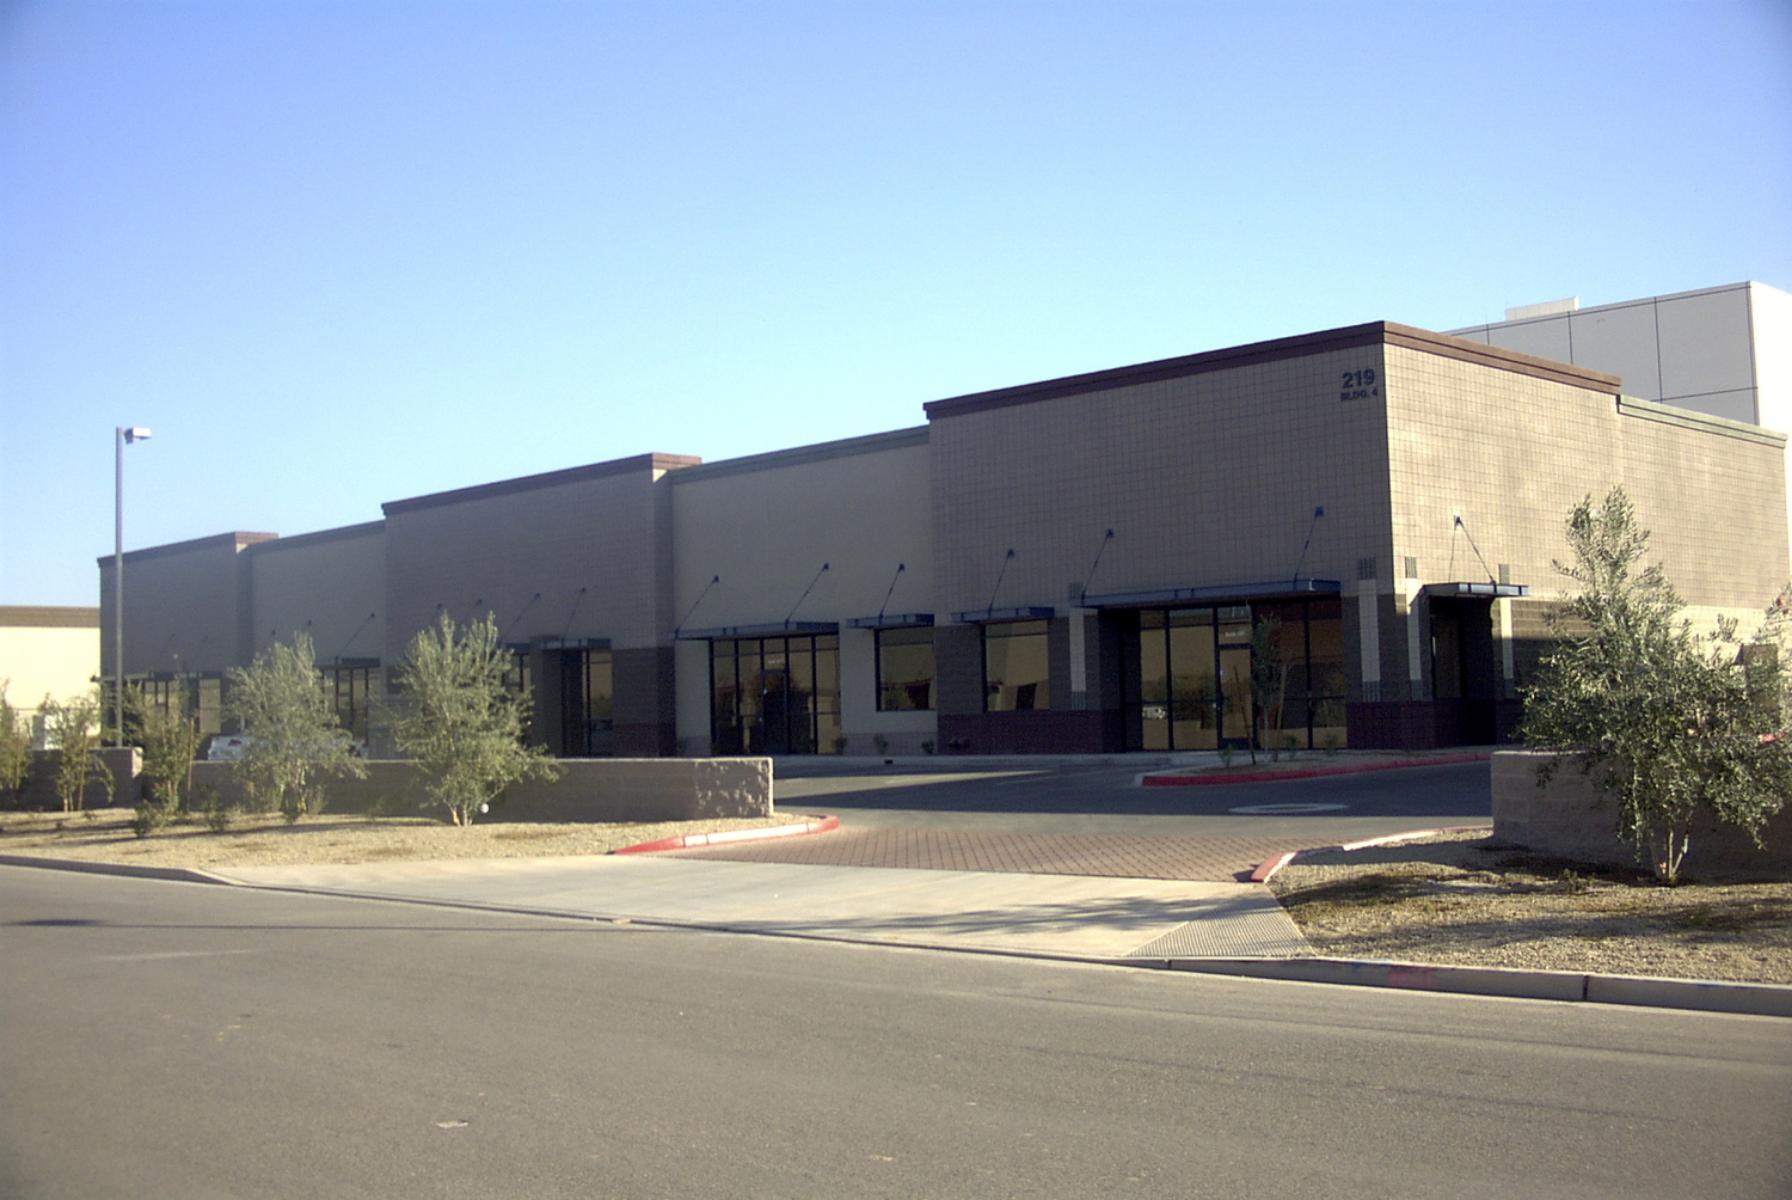 GILBERT COMMONS (GILBERT, AZ)